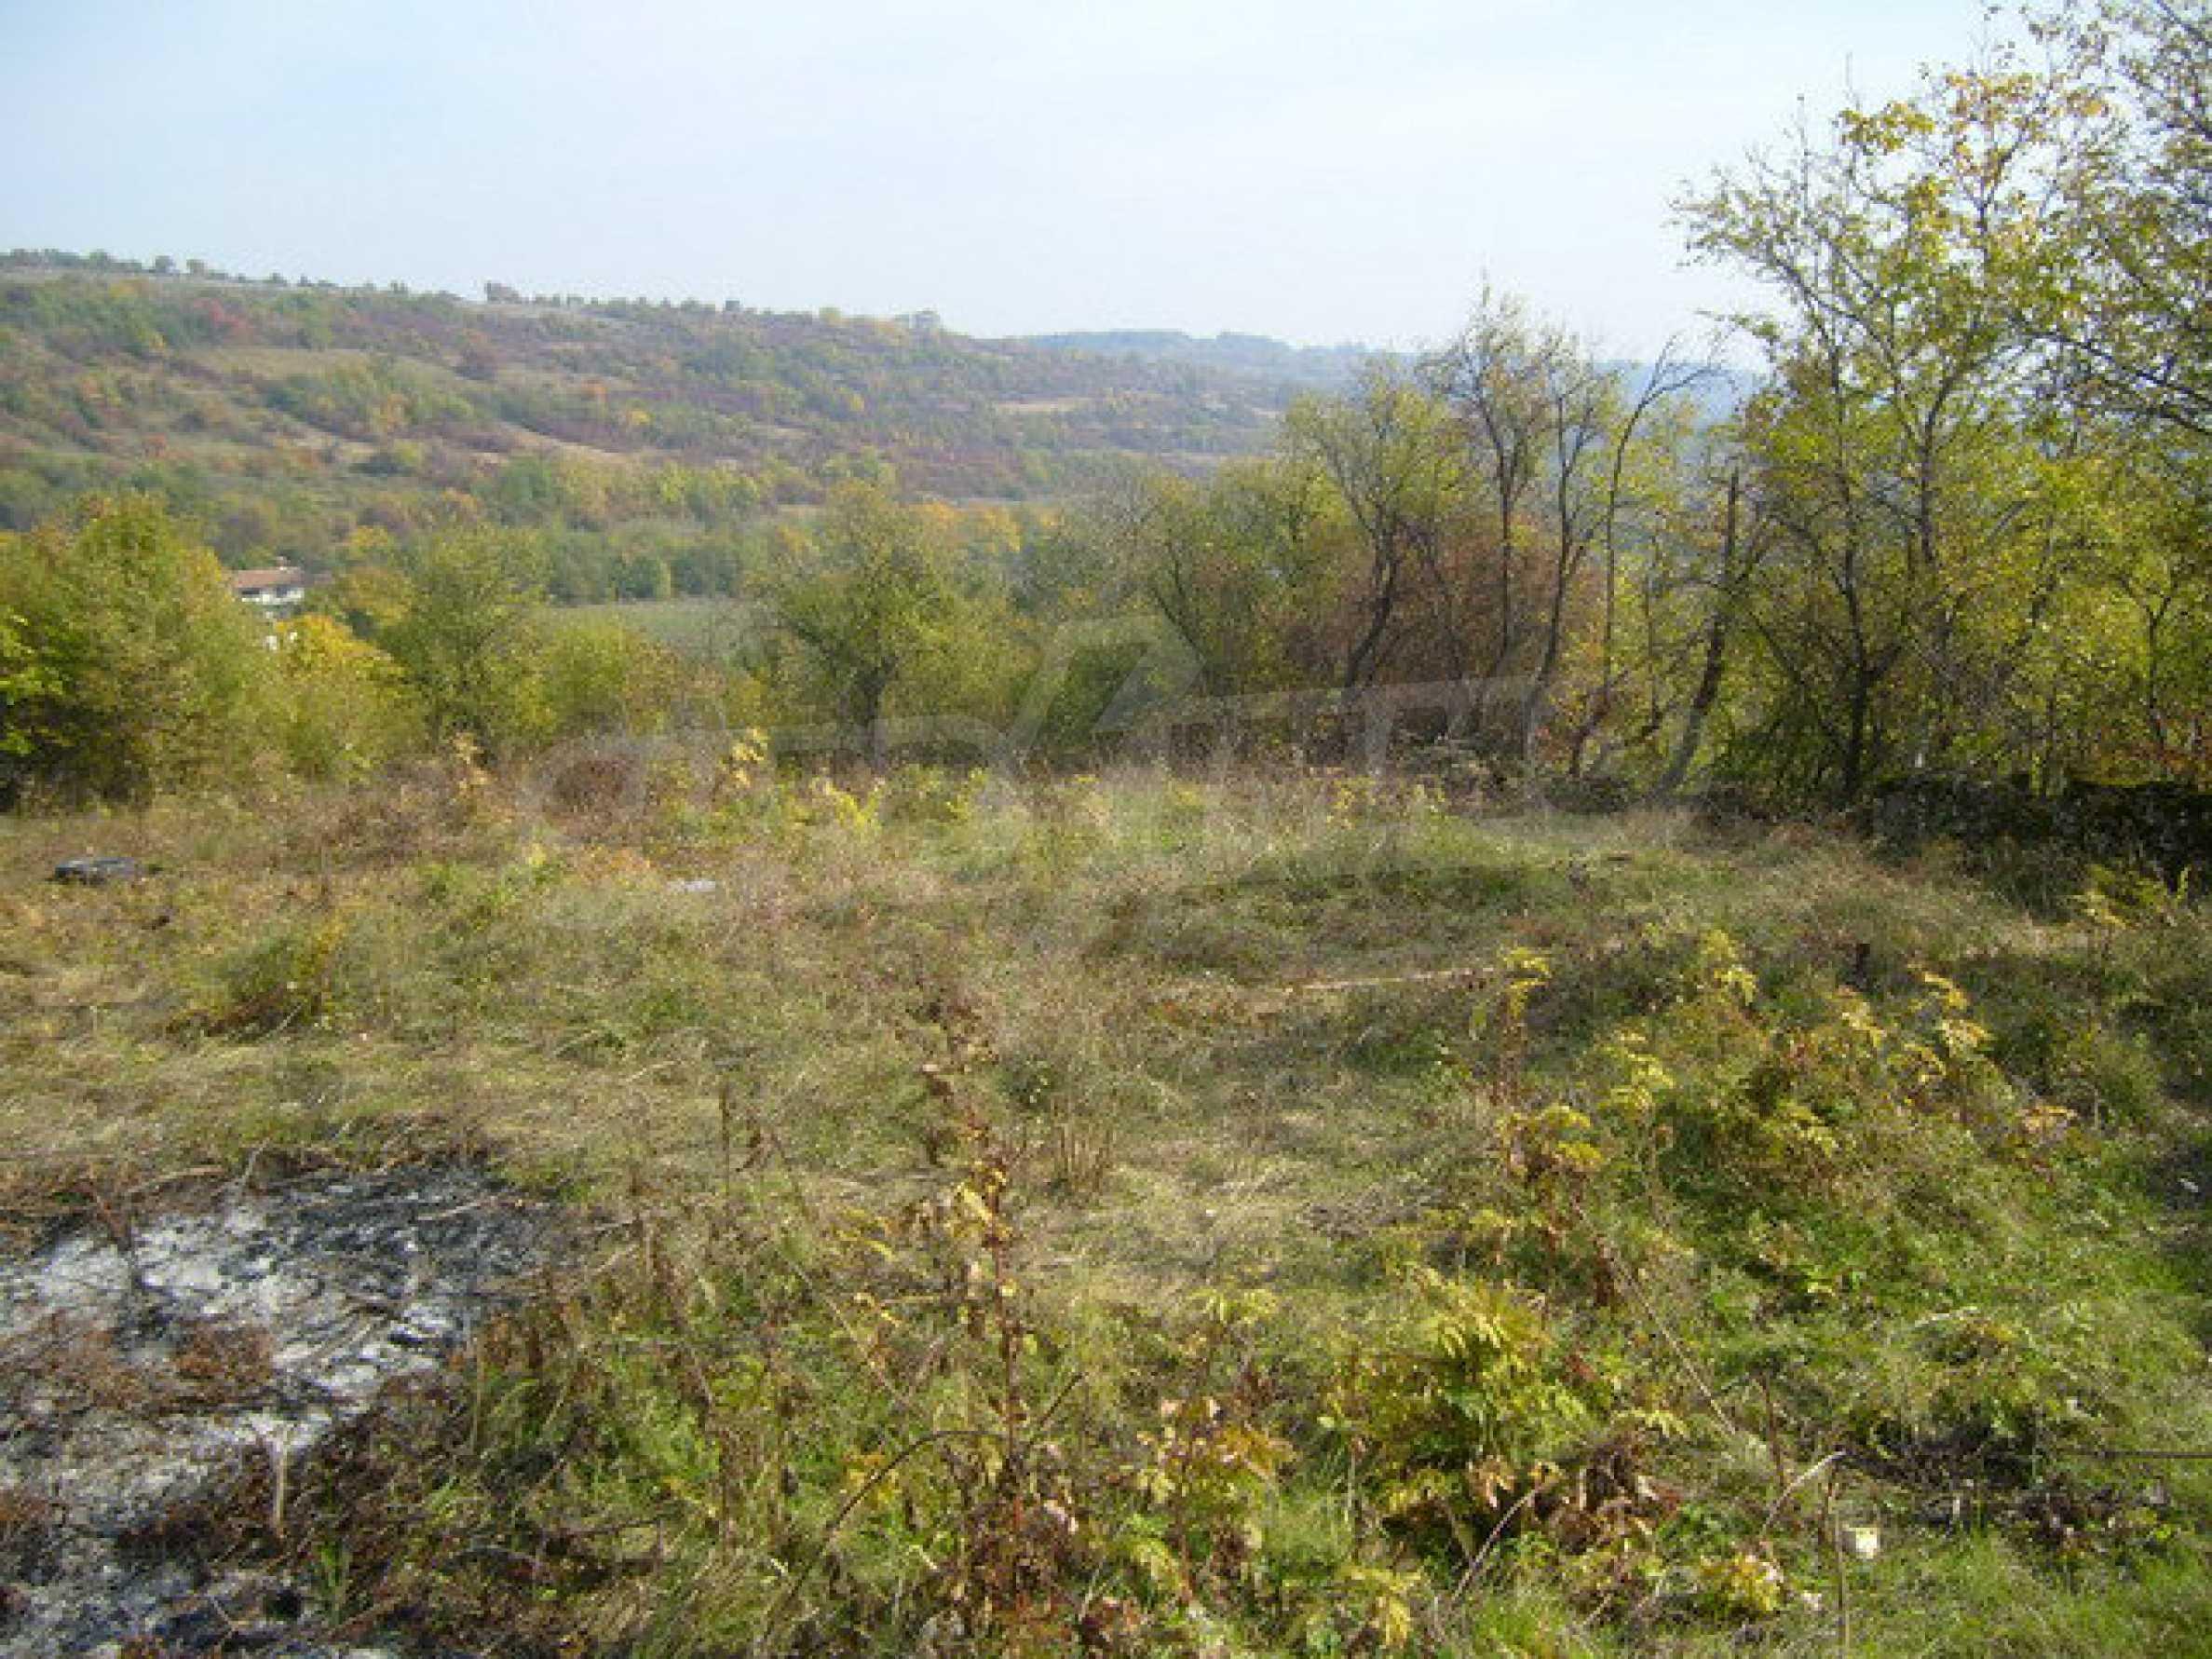 Земельный участок в деревне с красивым пейзажем 6